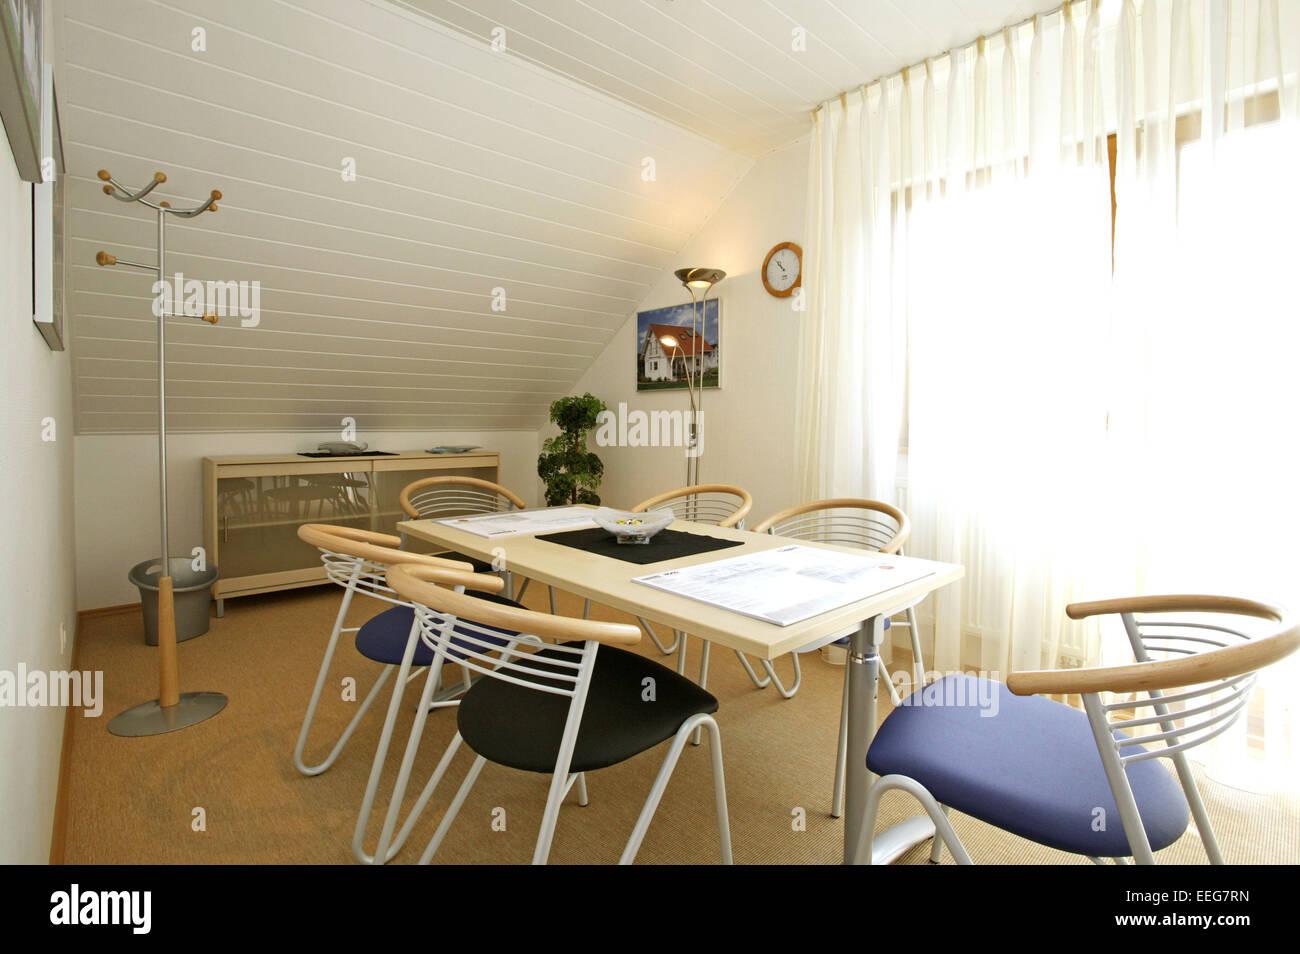 Inneneinrichtung Wohnung arbeitszimmer wohnen innenaufnahme inneneinrichtung wohnung wohnraum